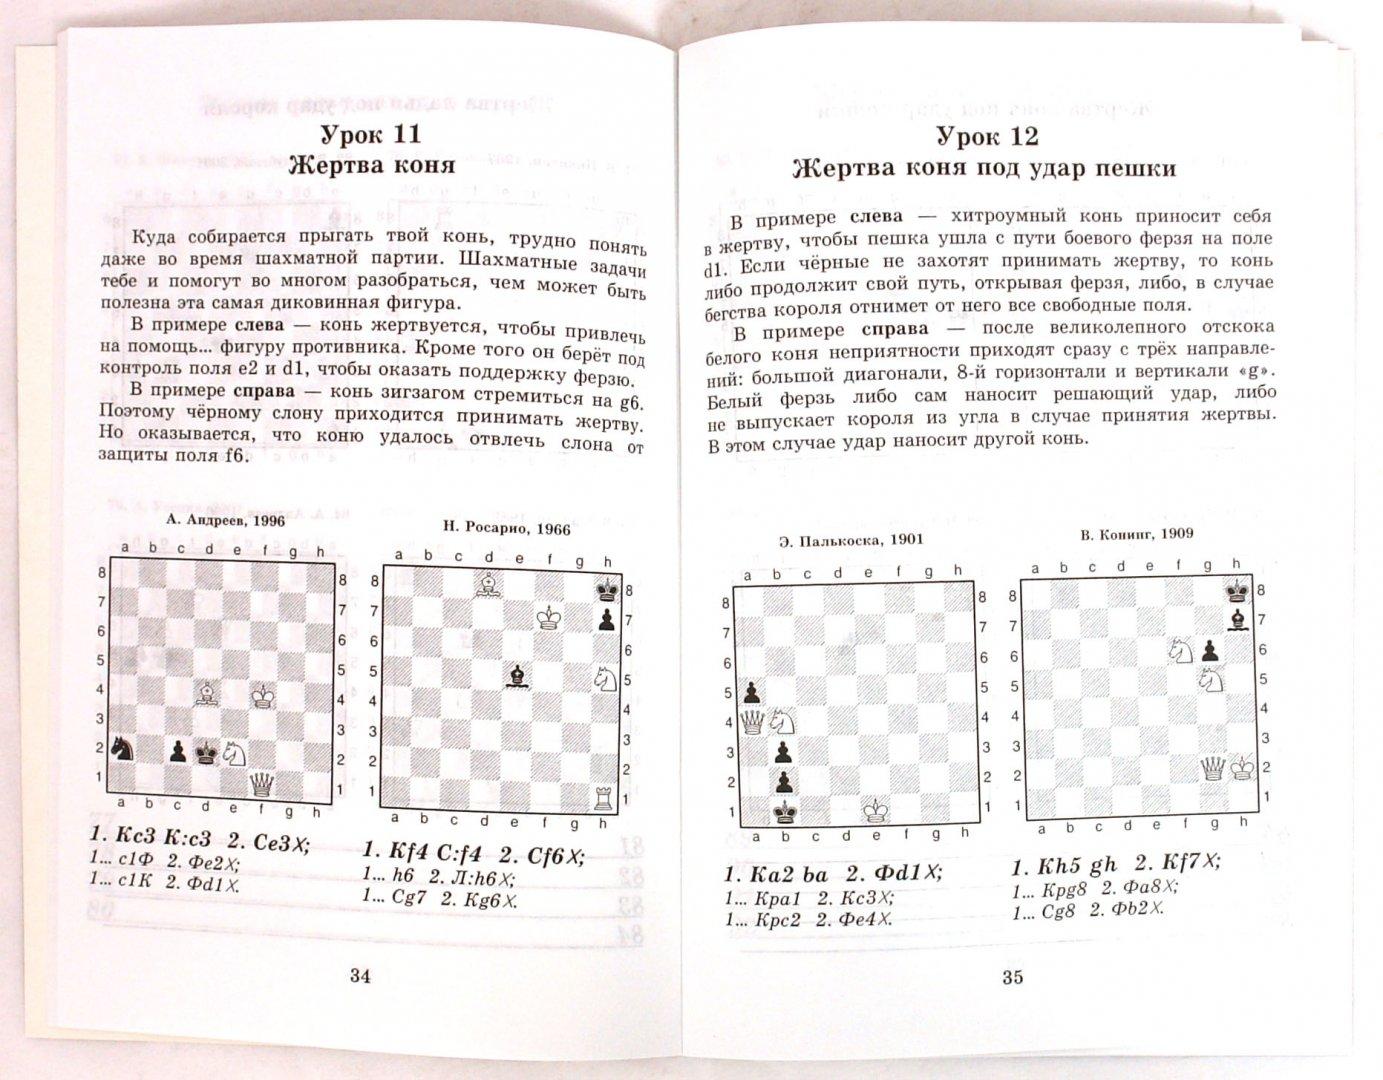 Иллюстрация 1 из 2 для Шахматные задачи: Мат в 2 хода. 7 фигур - Костров, Рожков | Лабиринт - книги. Источник: Лабиринт